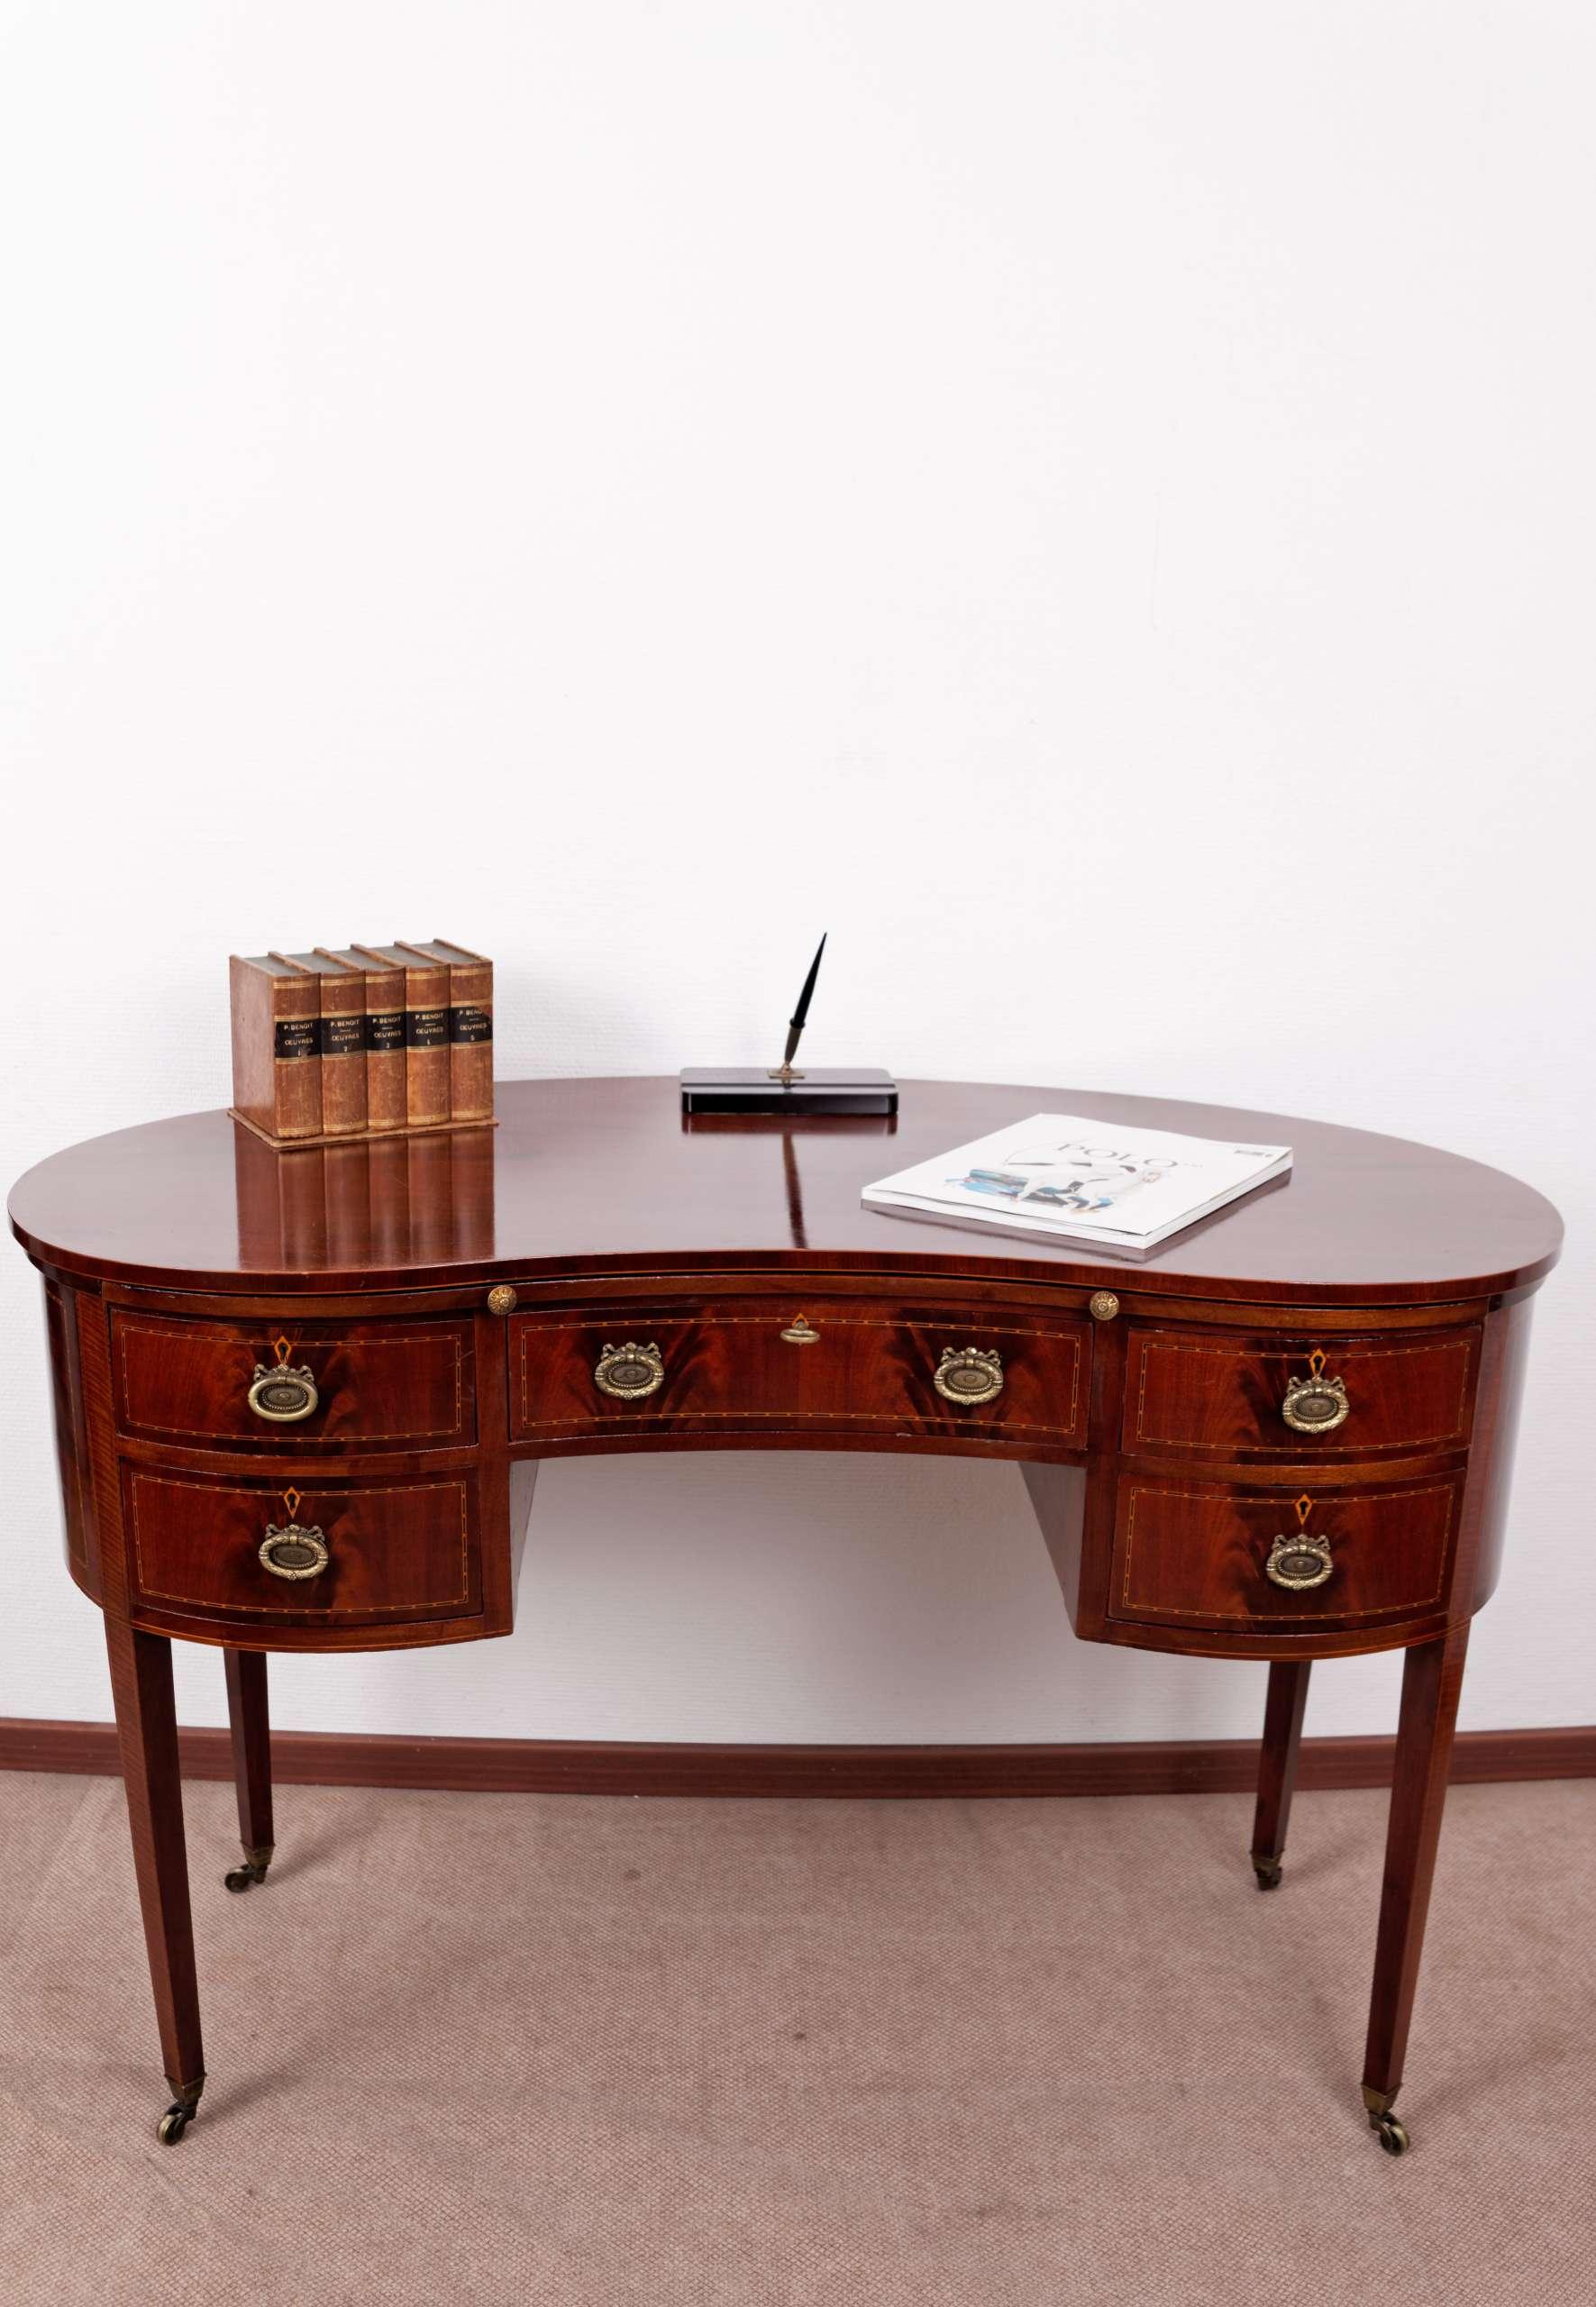 Intarsierter Nierenförmiger Schreibtisch, Mahagoni, Edwardian